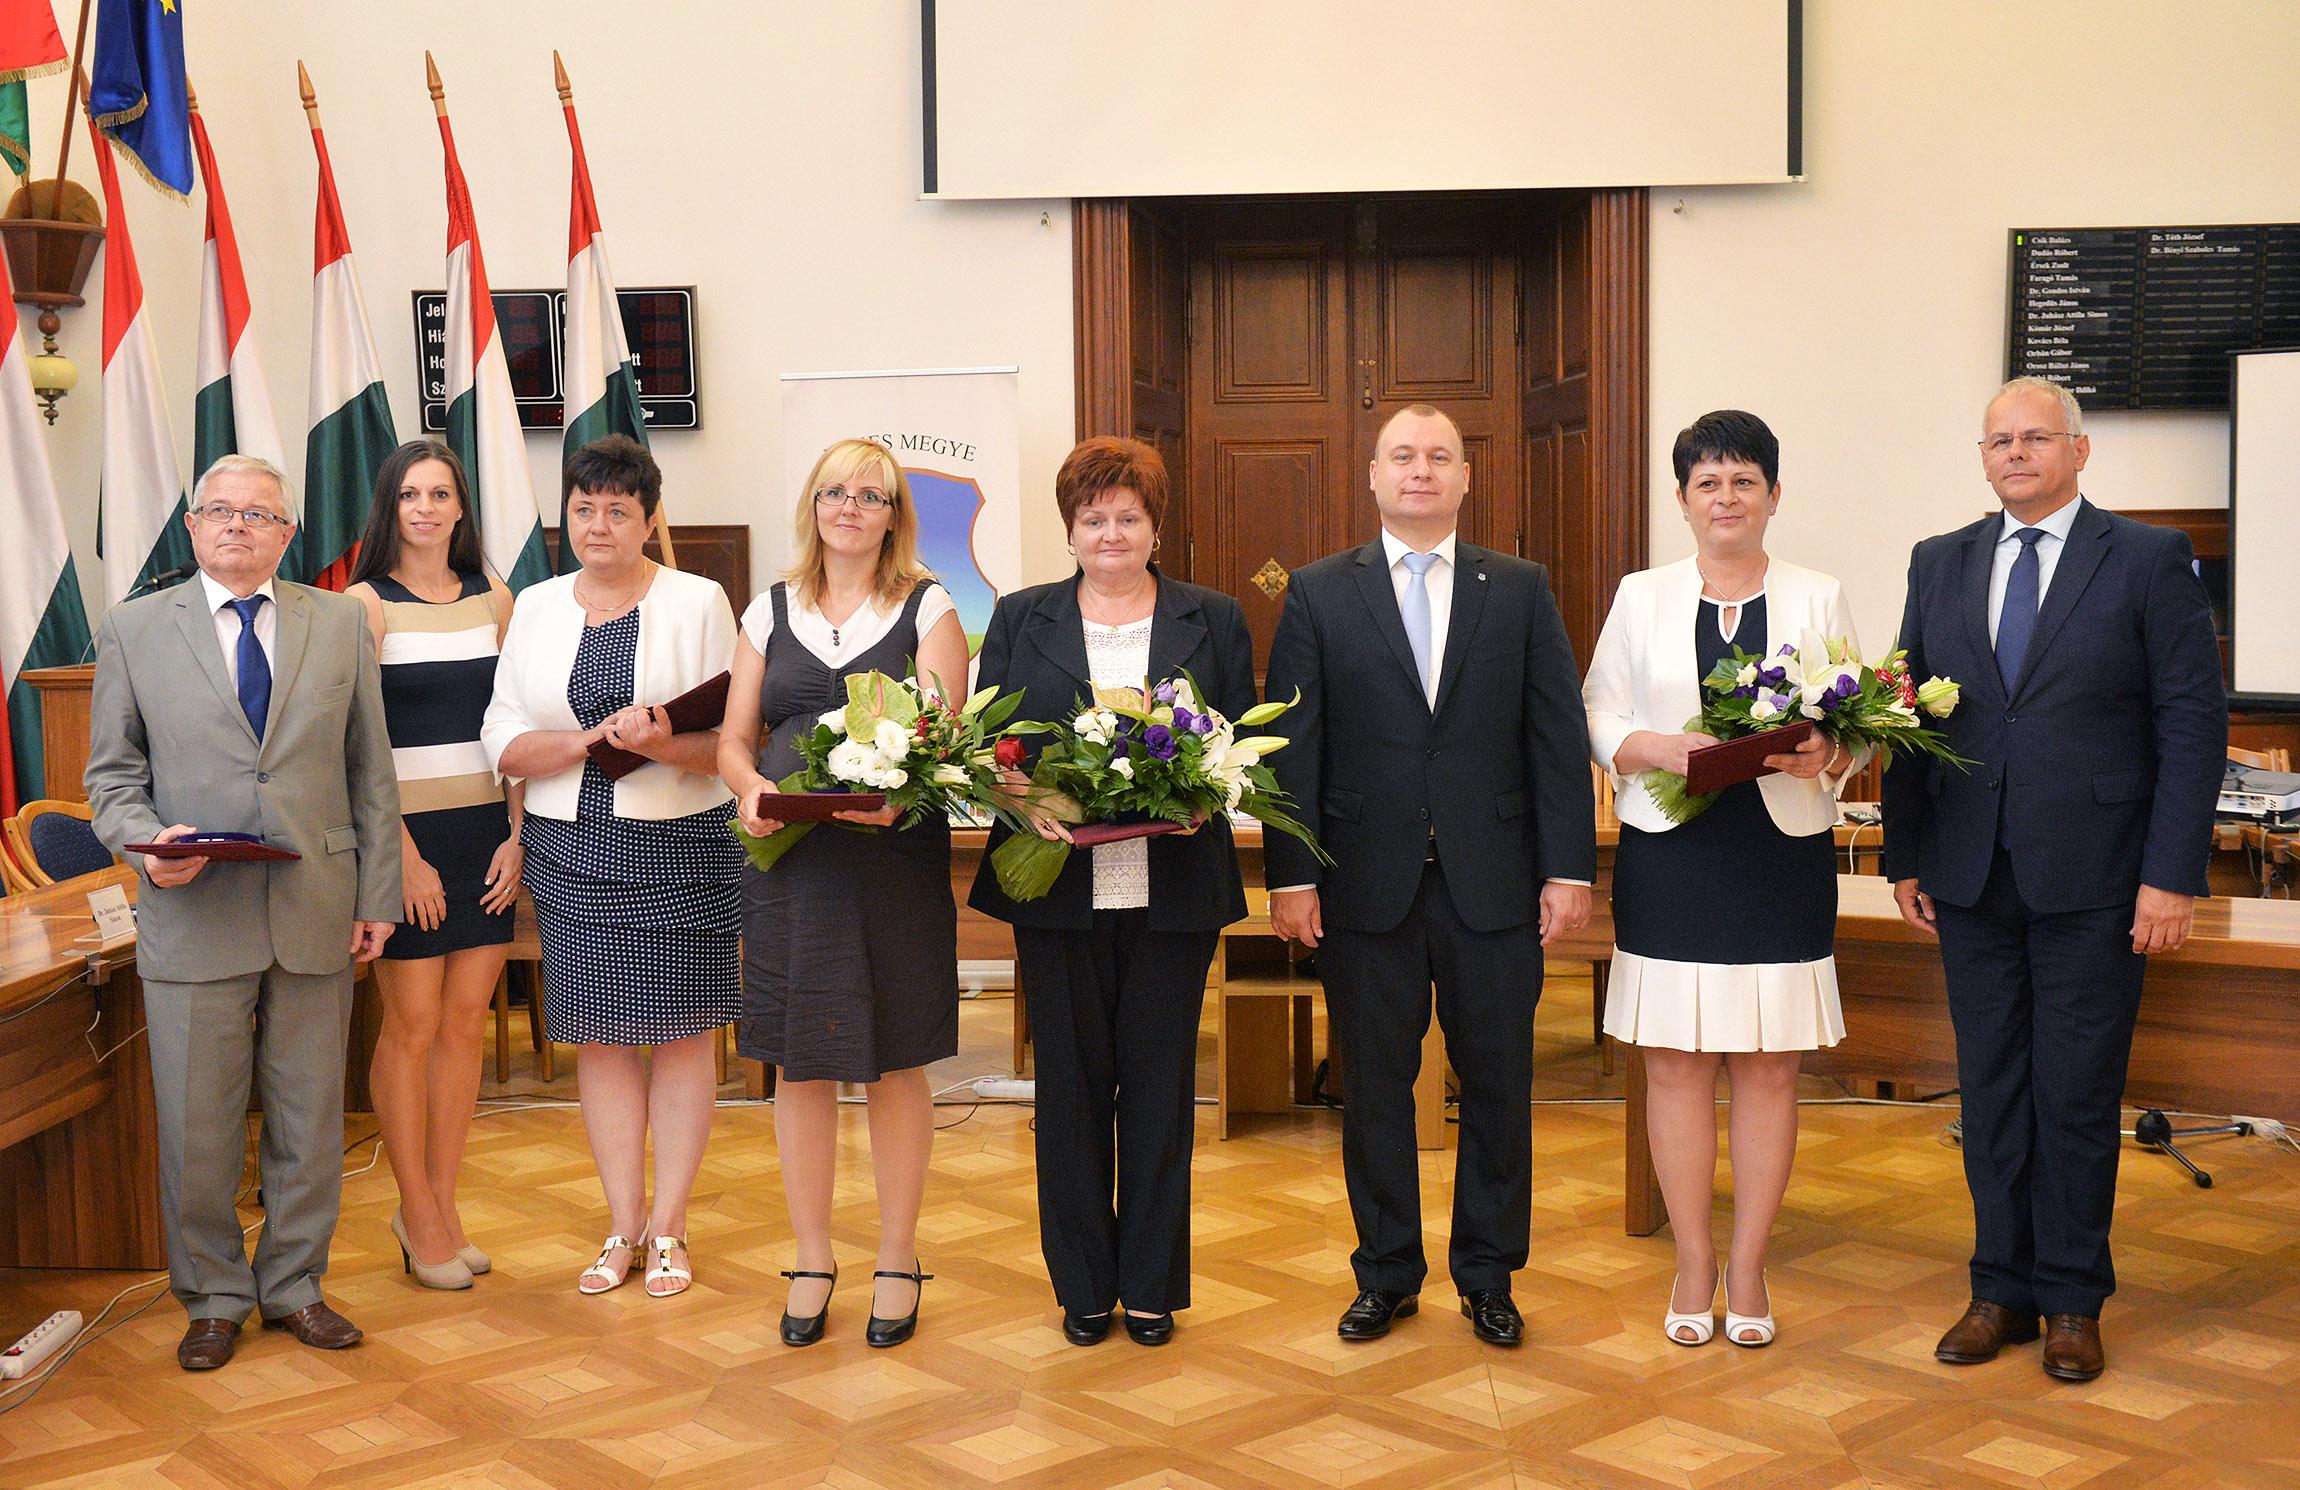 Habis Lászlót díjazták a Telekessy István területfejlesztési kitüntető díjjal